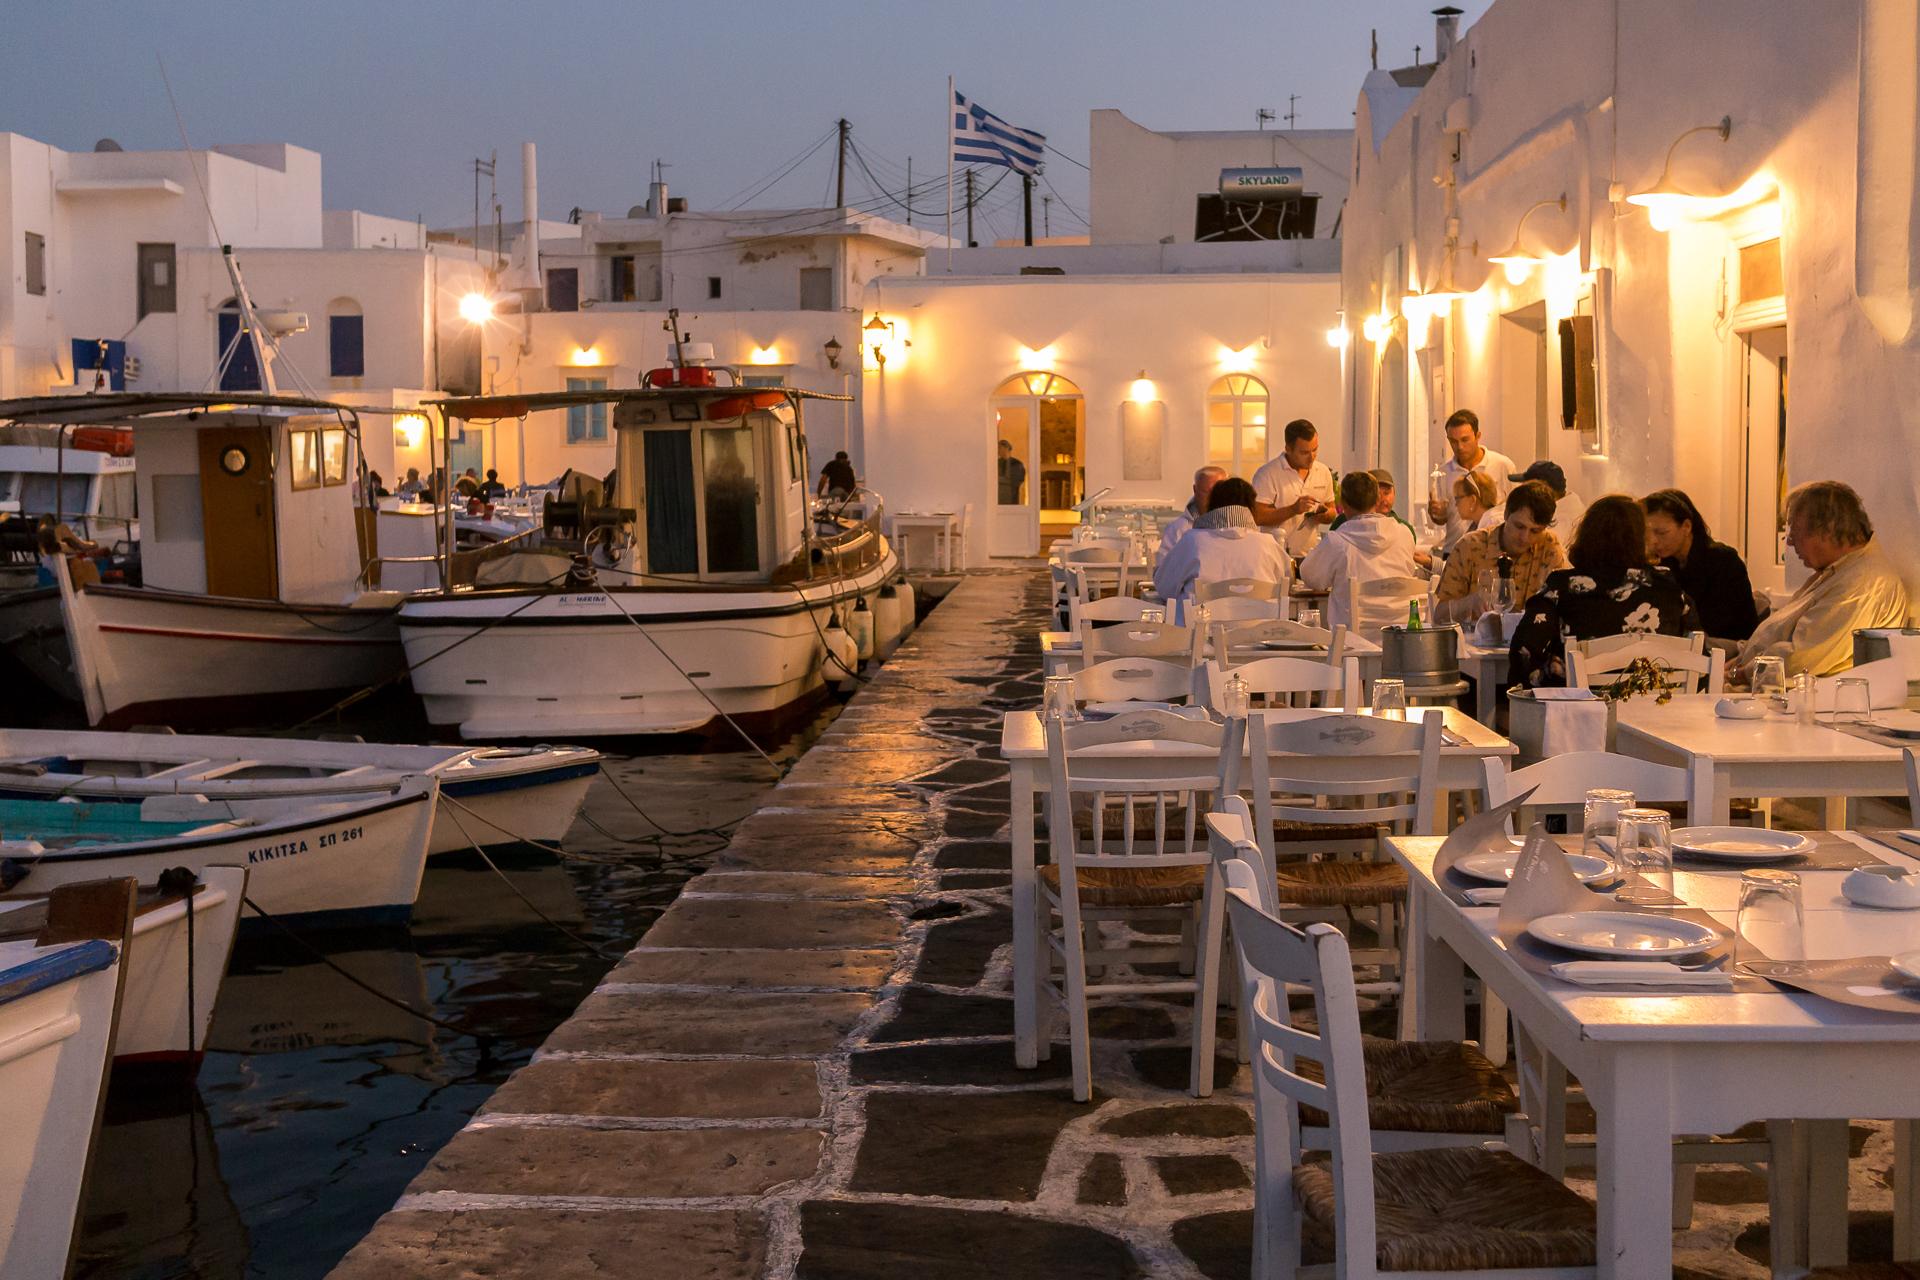 Greek paokara